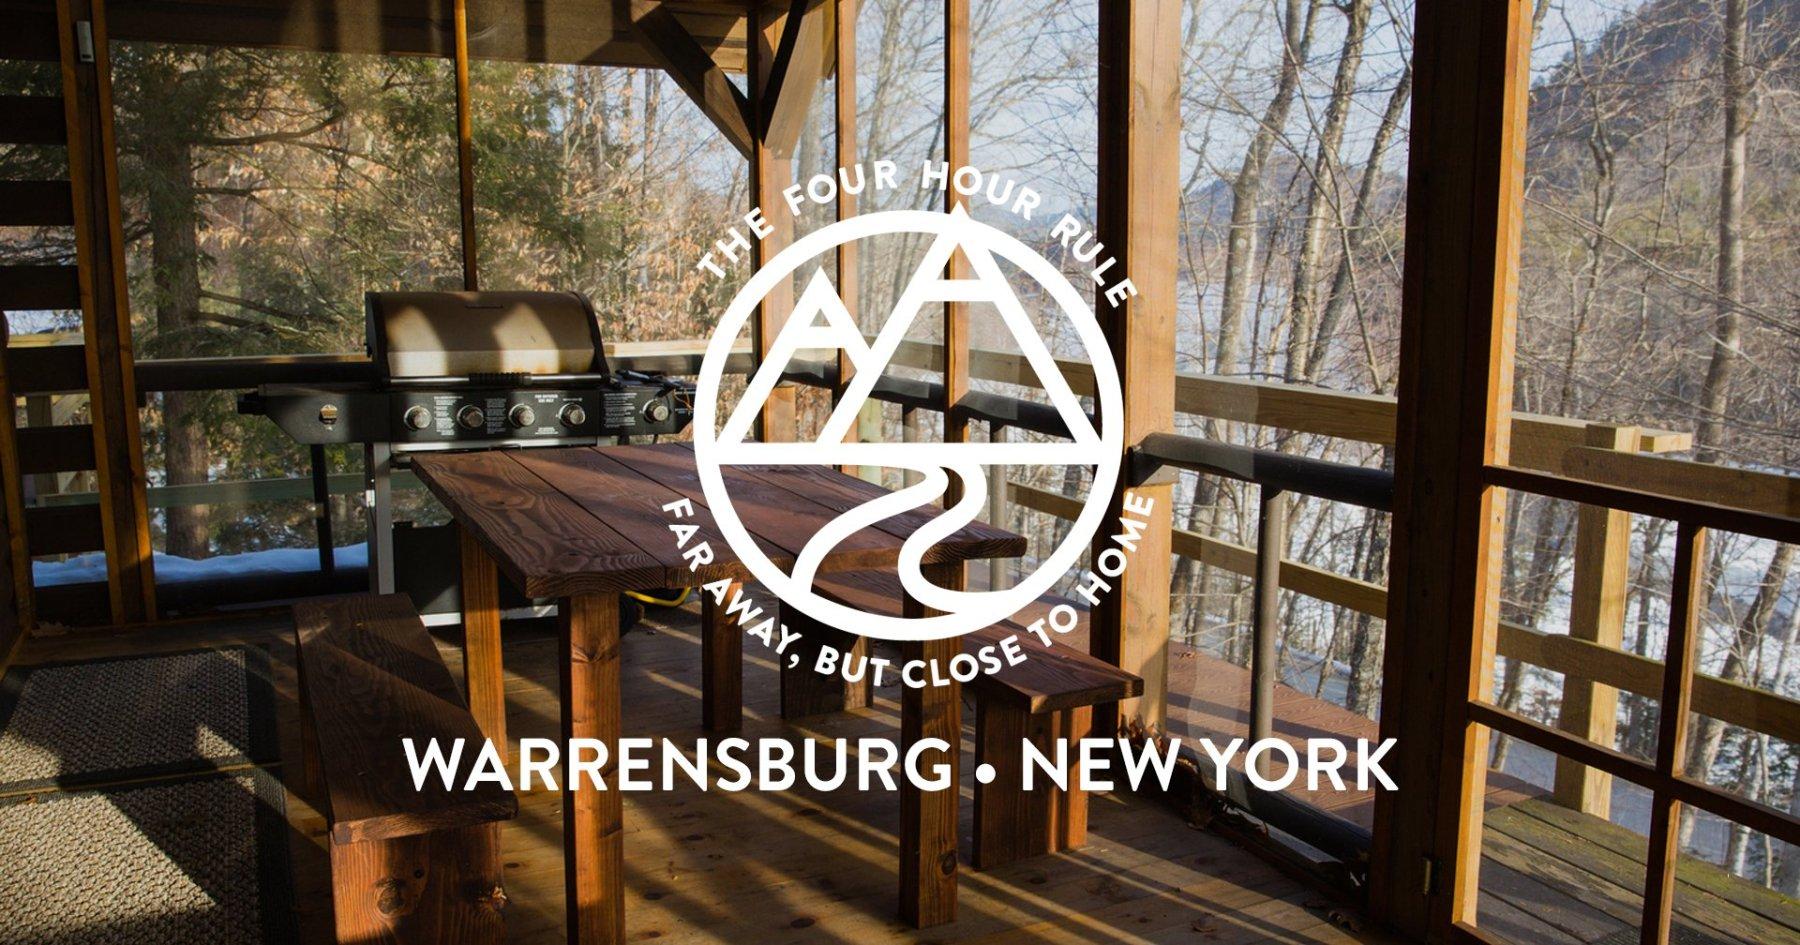 The 4-Hour Rule: Warrensburg